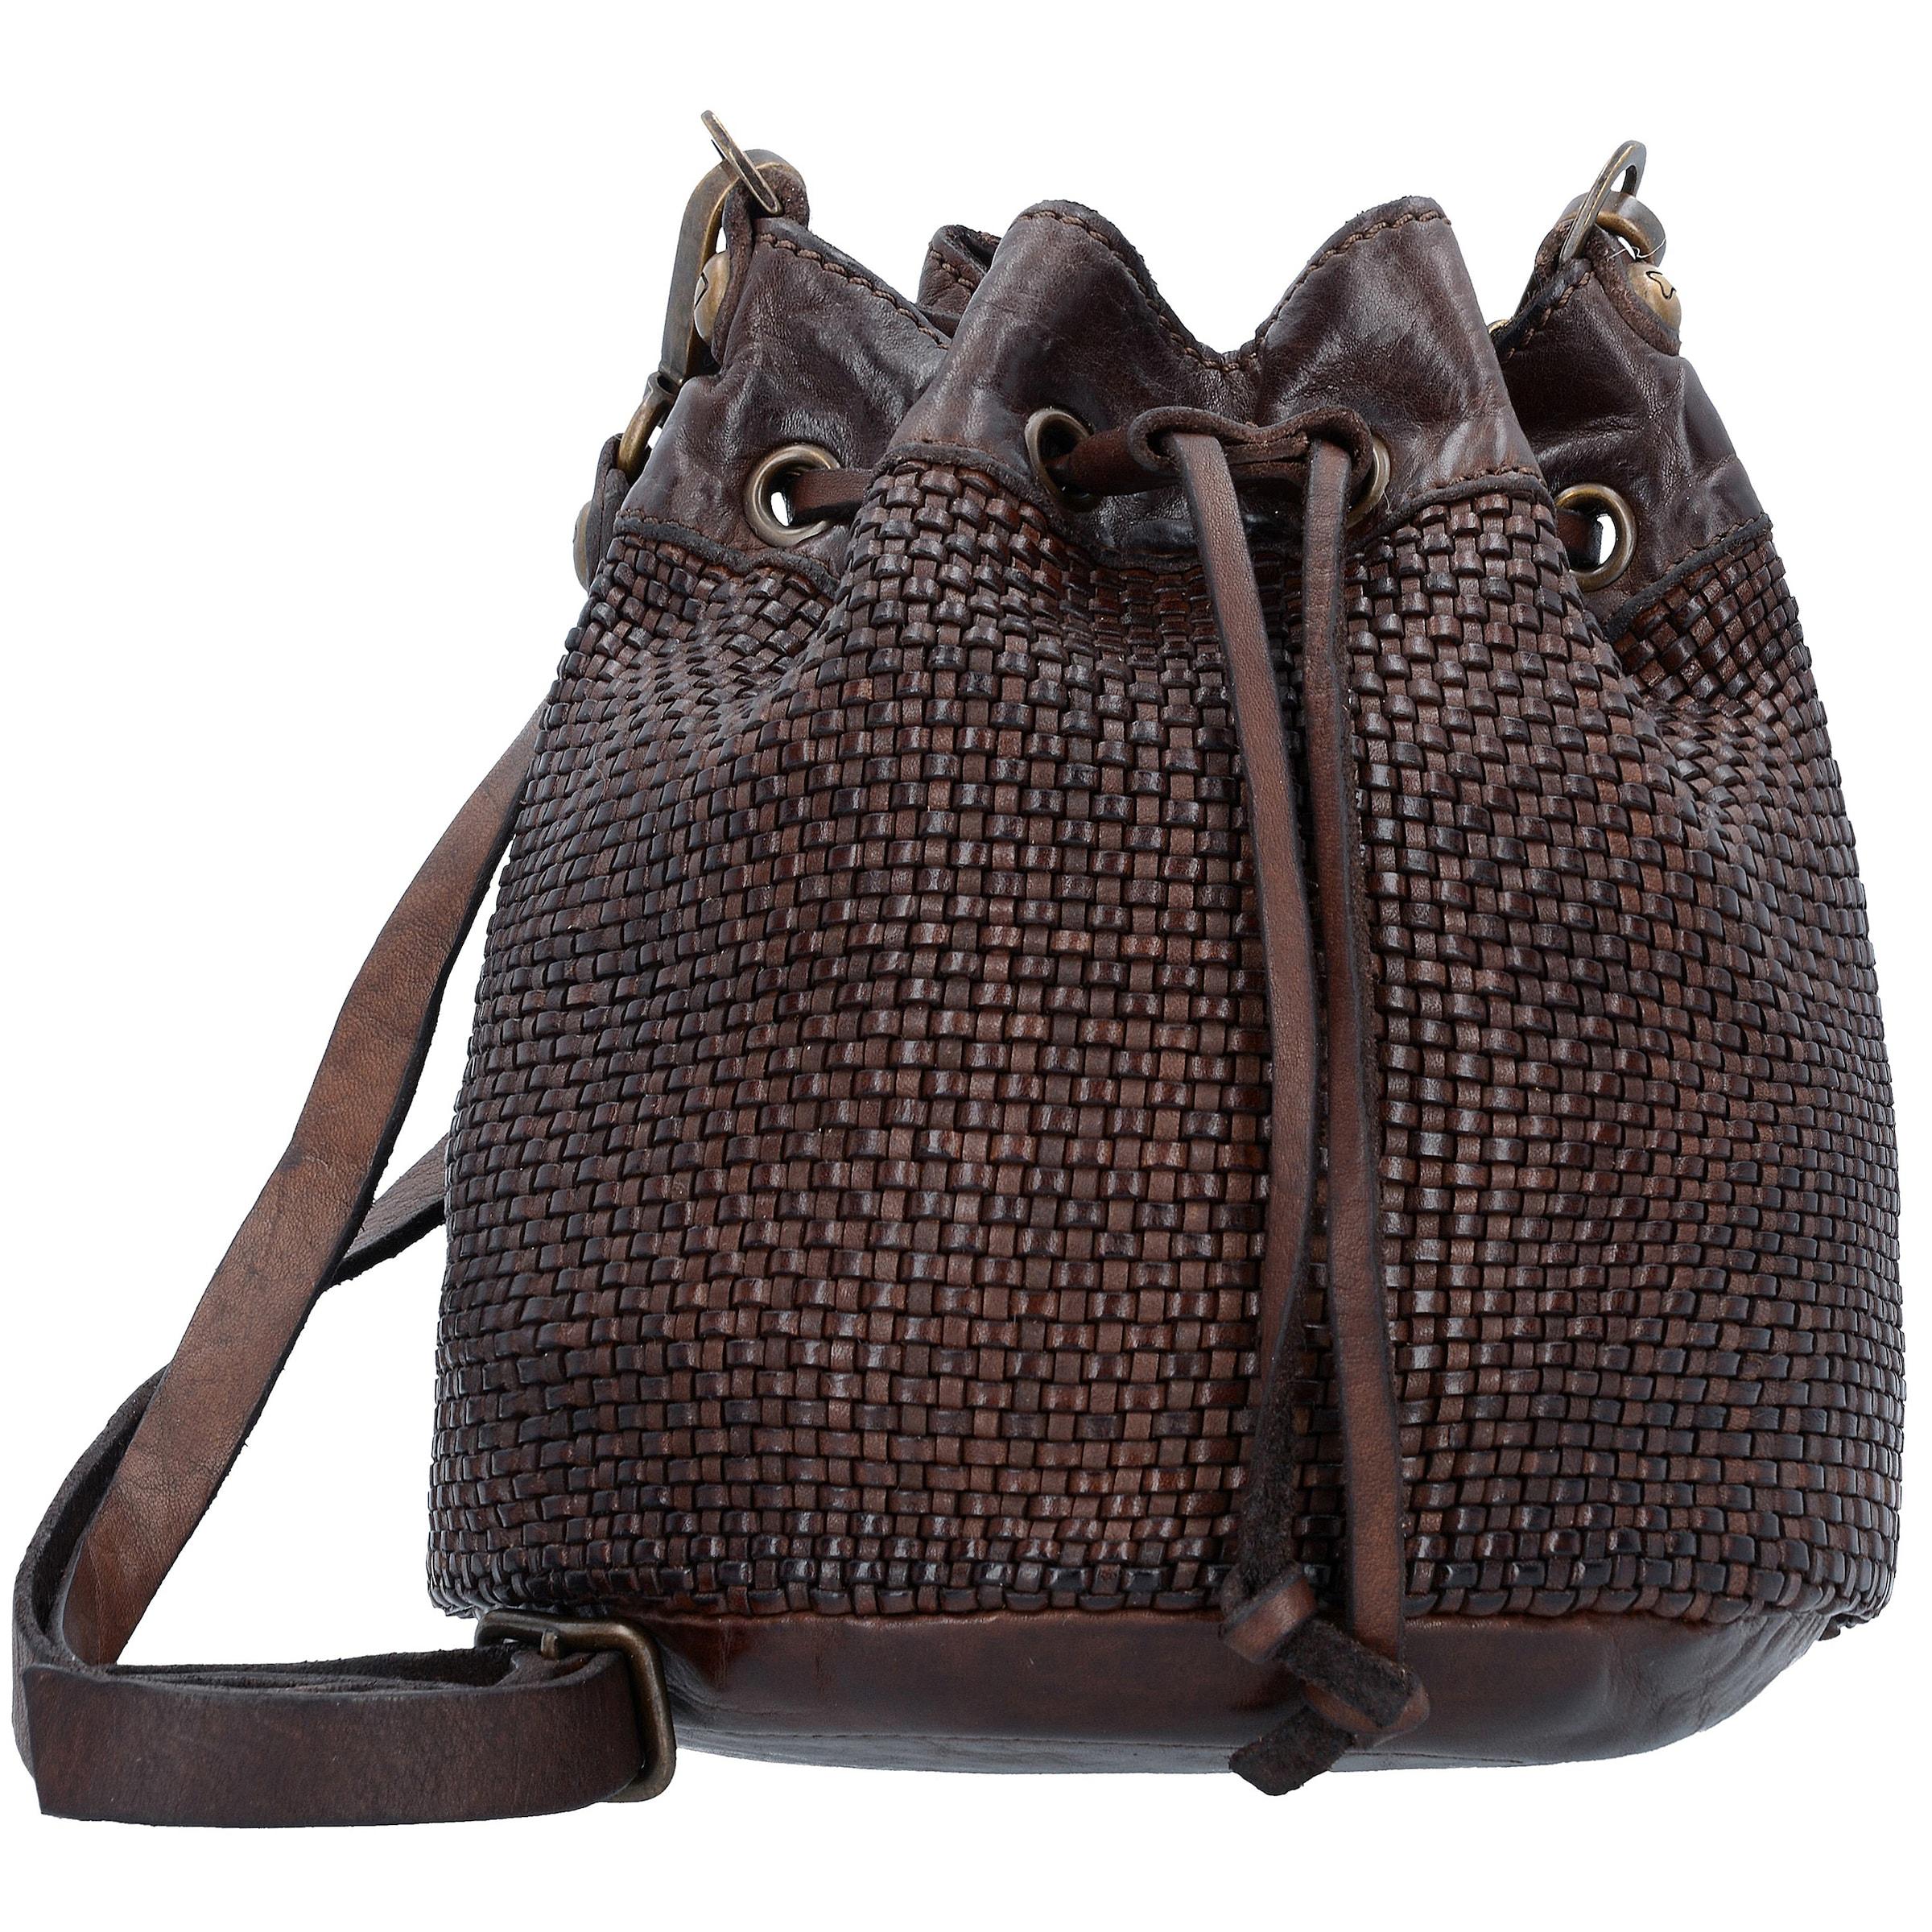 Einkaufen Campomaggi Prestige Edera Beuteltasche Leder 17 cm Aberdeen Große Auswahl An Günstigem Preis AjvcS